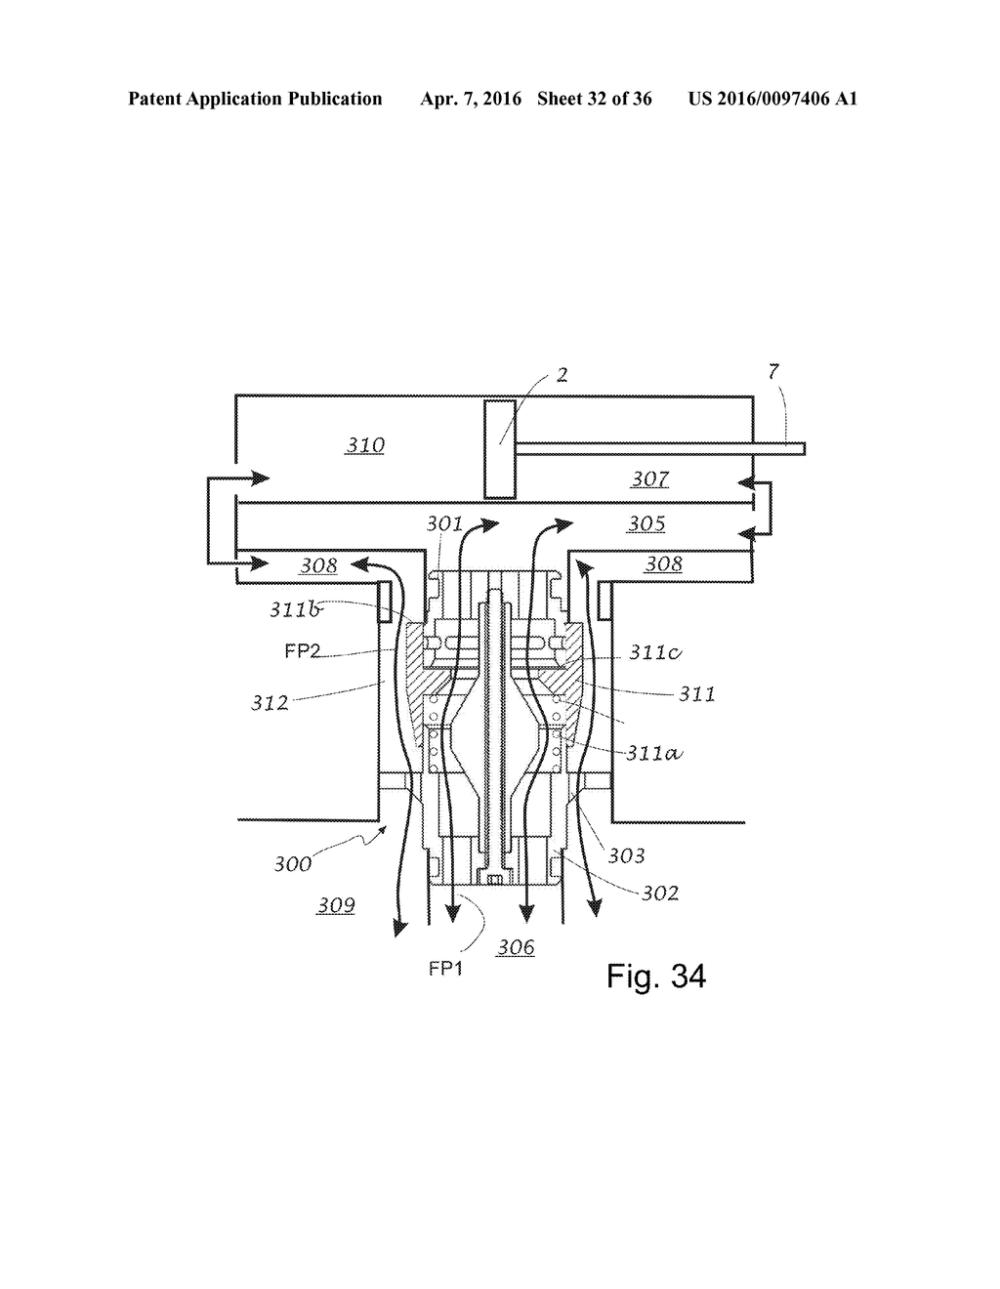 medium resolution of diverter schematic wiring diagram technichydraulic damper hydraulic bump stop and diverter valve diagramhydraulic damper